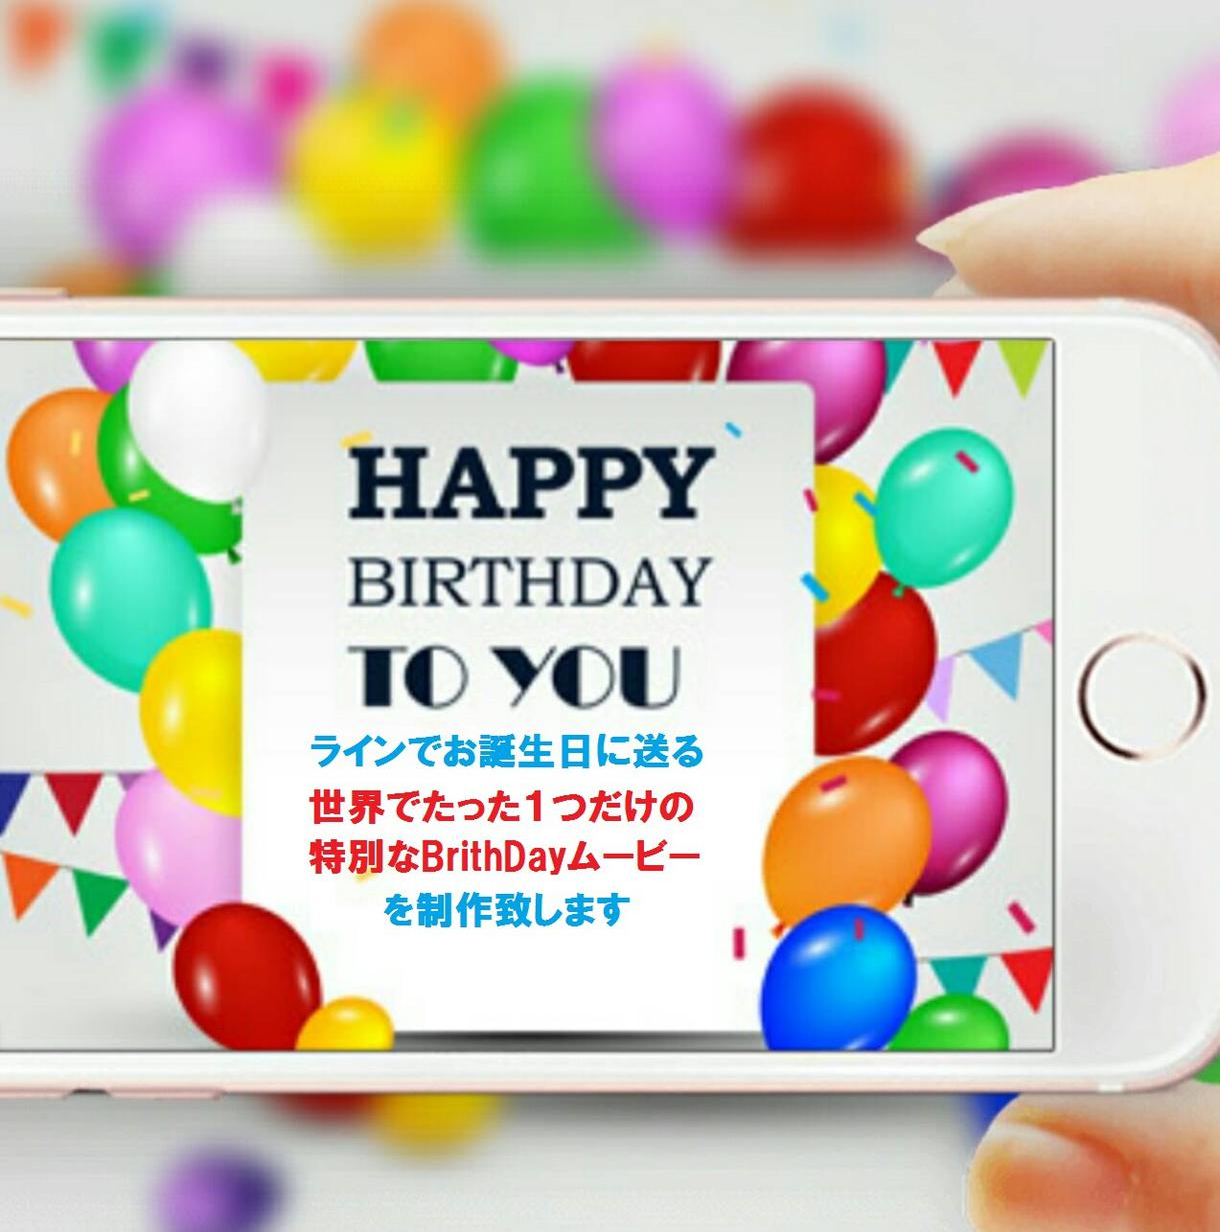 お誕生日メッセージムービーを制作いたします 大切な方へのお誕生日に喜ばれるショートメッセージムービーを‼ イメージ1